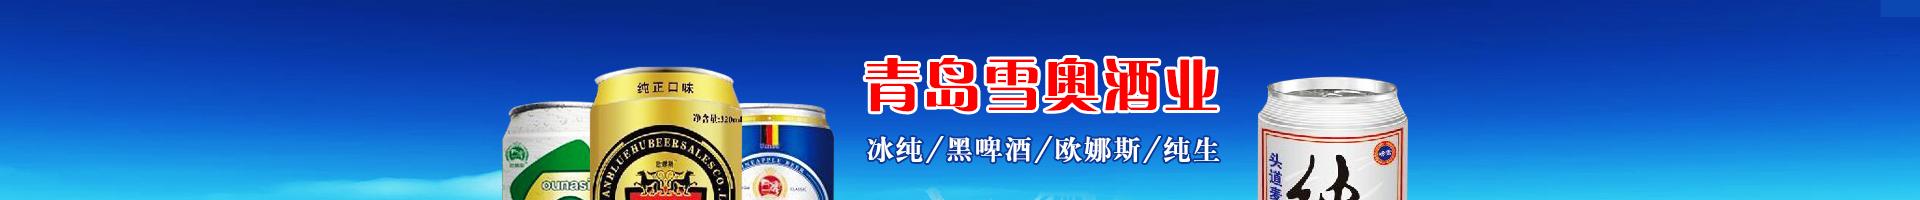 青岛雪奥酒业有限公司